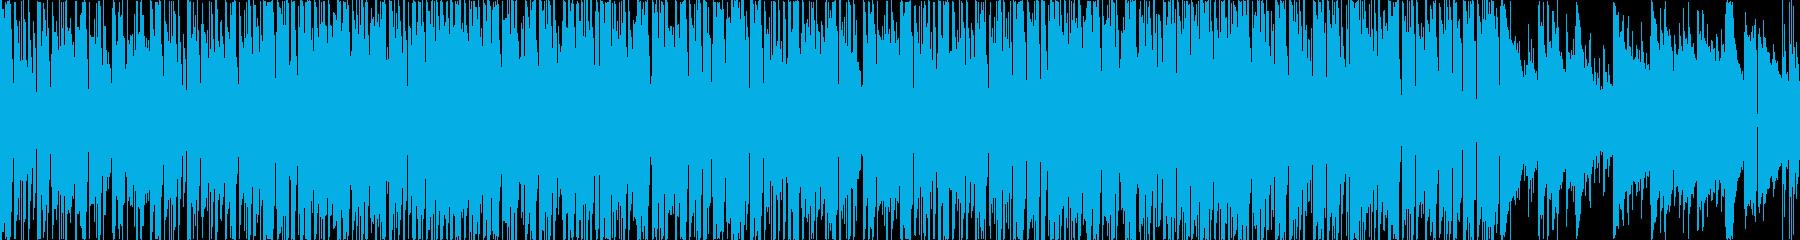 代替案 ポップ ロック ファンク ...の再生済みの波形